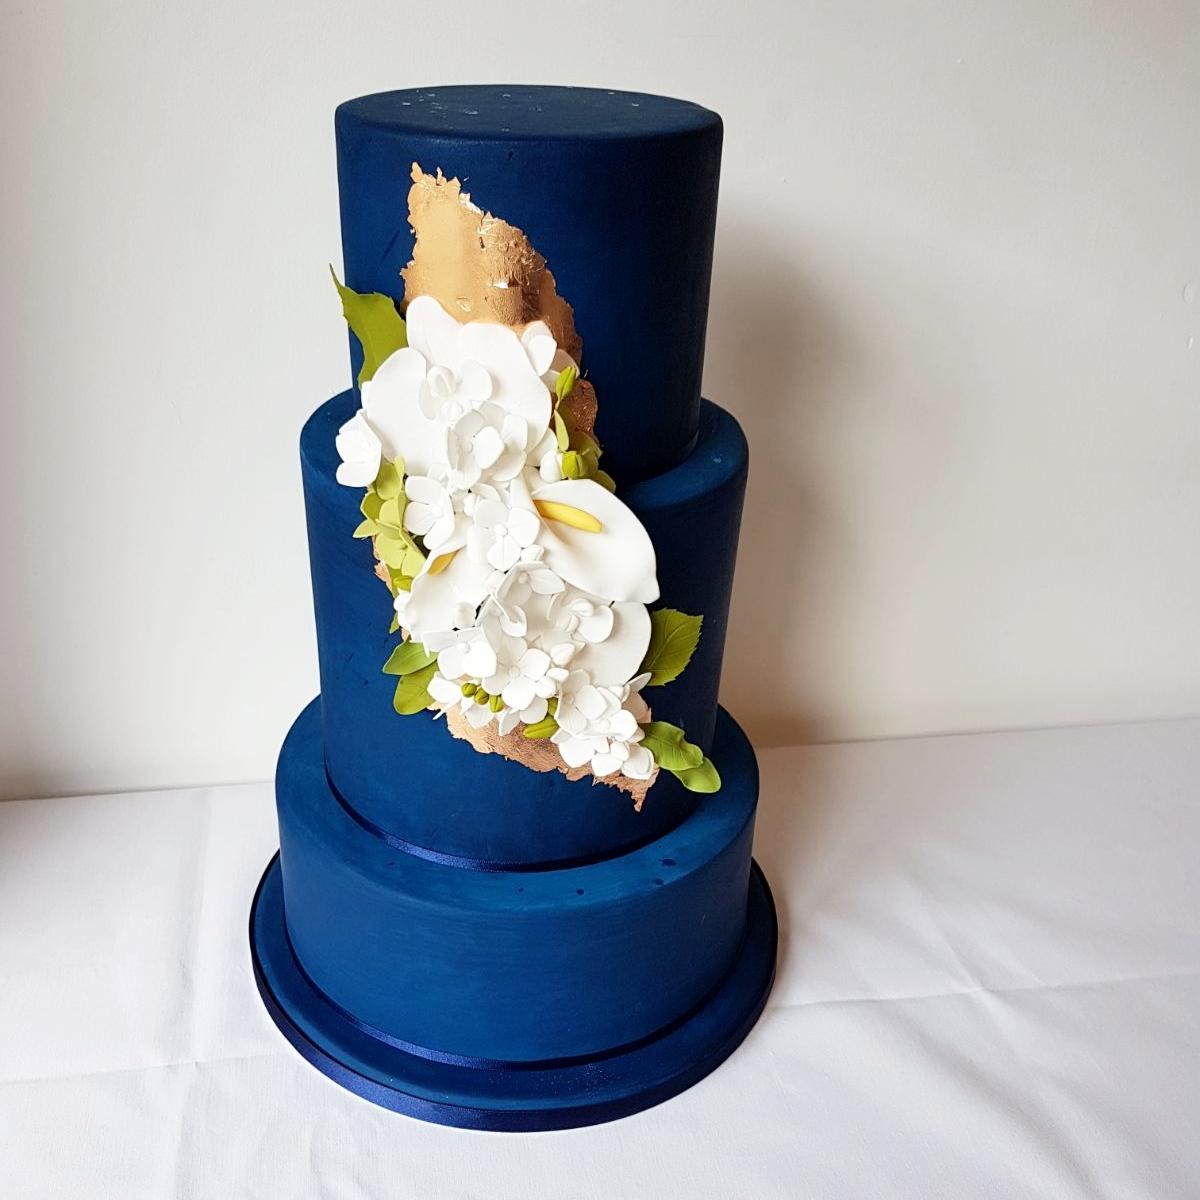 REBECCA SEVIOUR NAVY BLUE FONDANT 3 TIER WEDDING CAKE